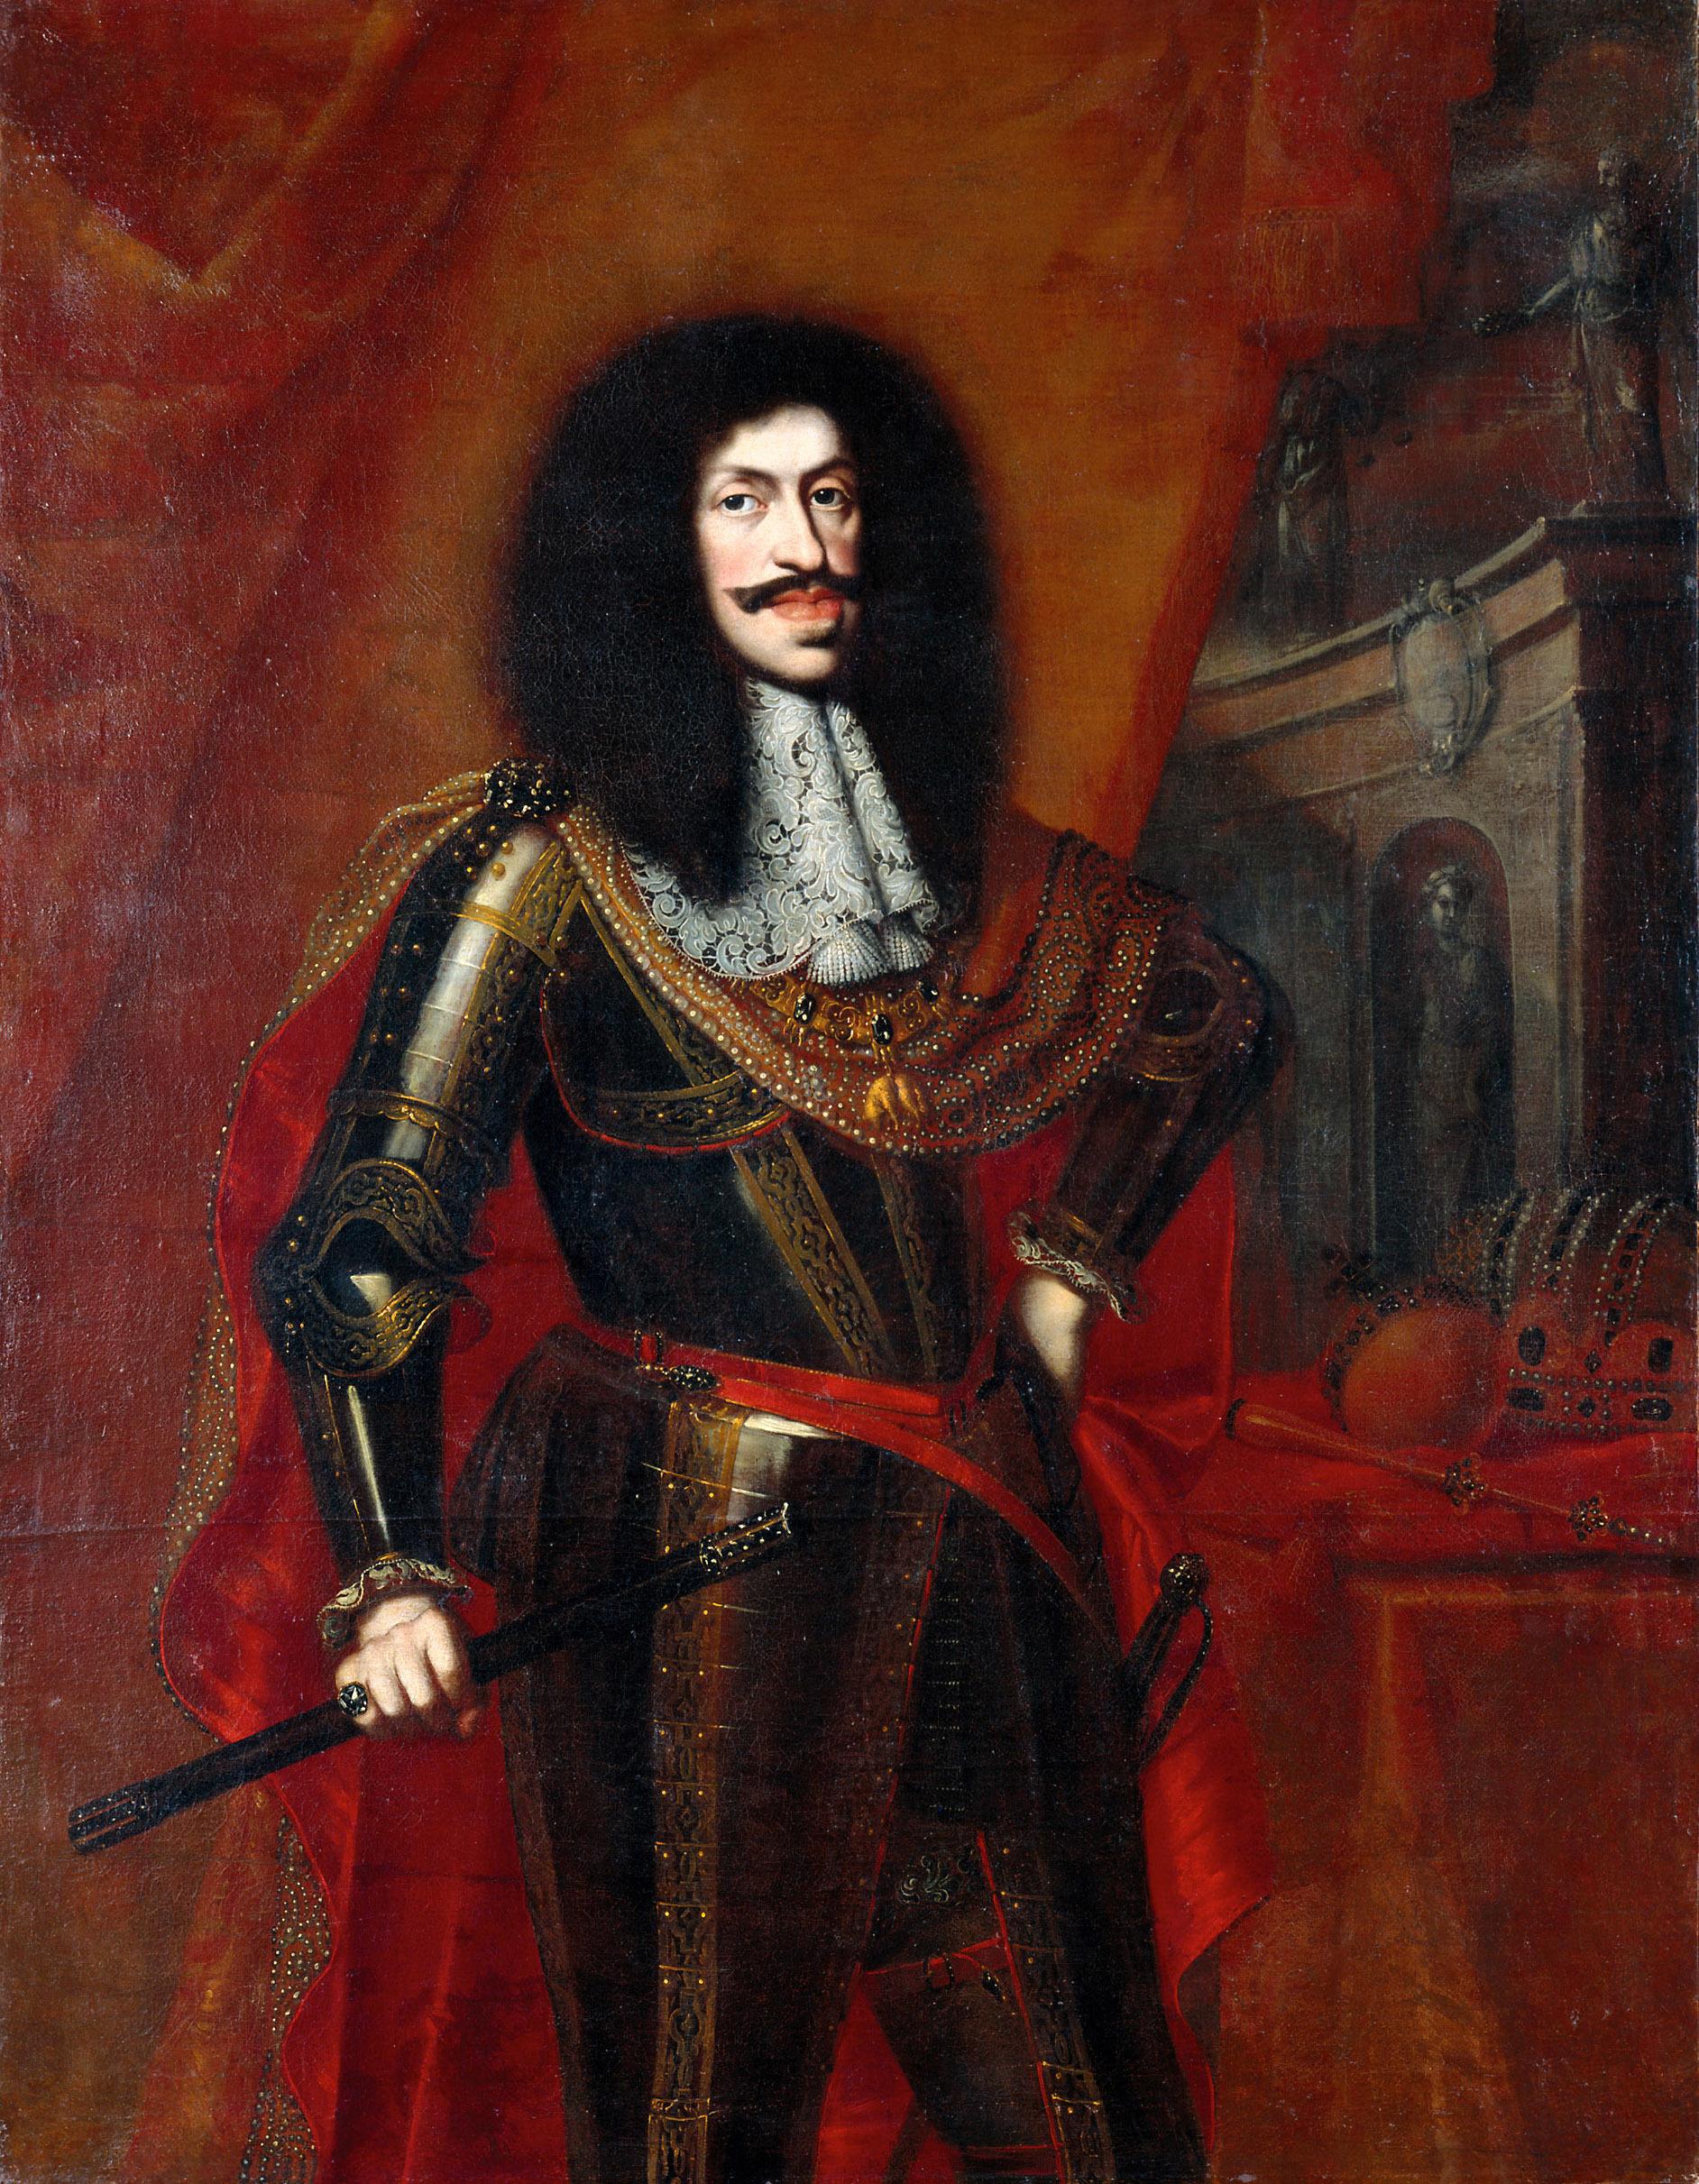 48 éven keresztül uralkodott a Habsburg Birodalomban: ki ő?